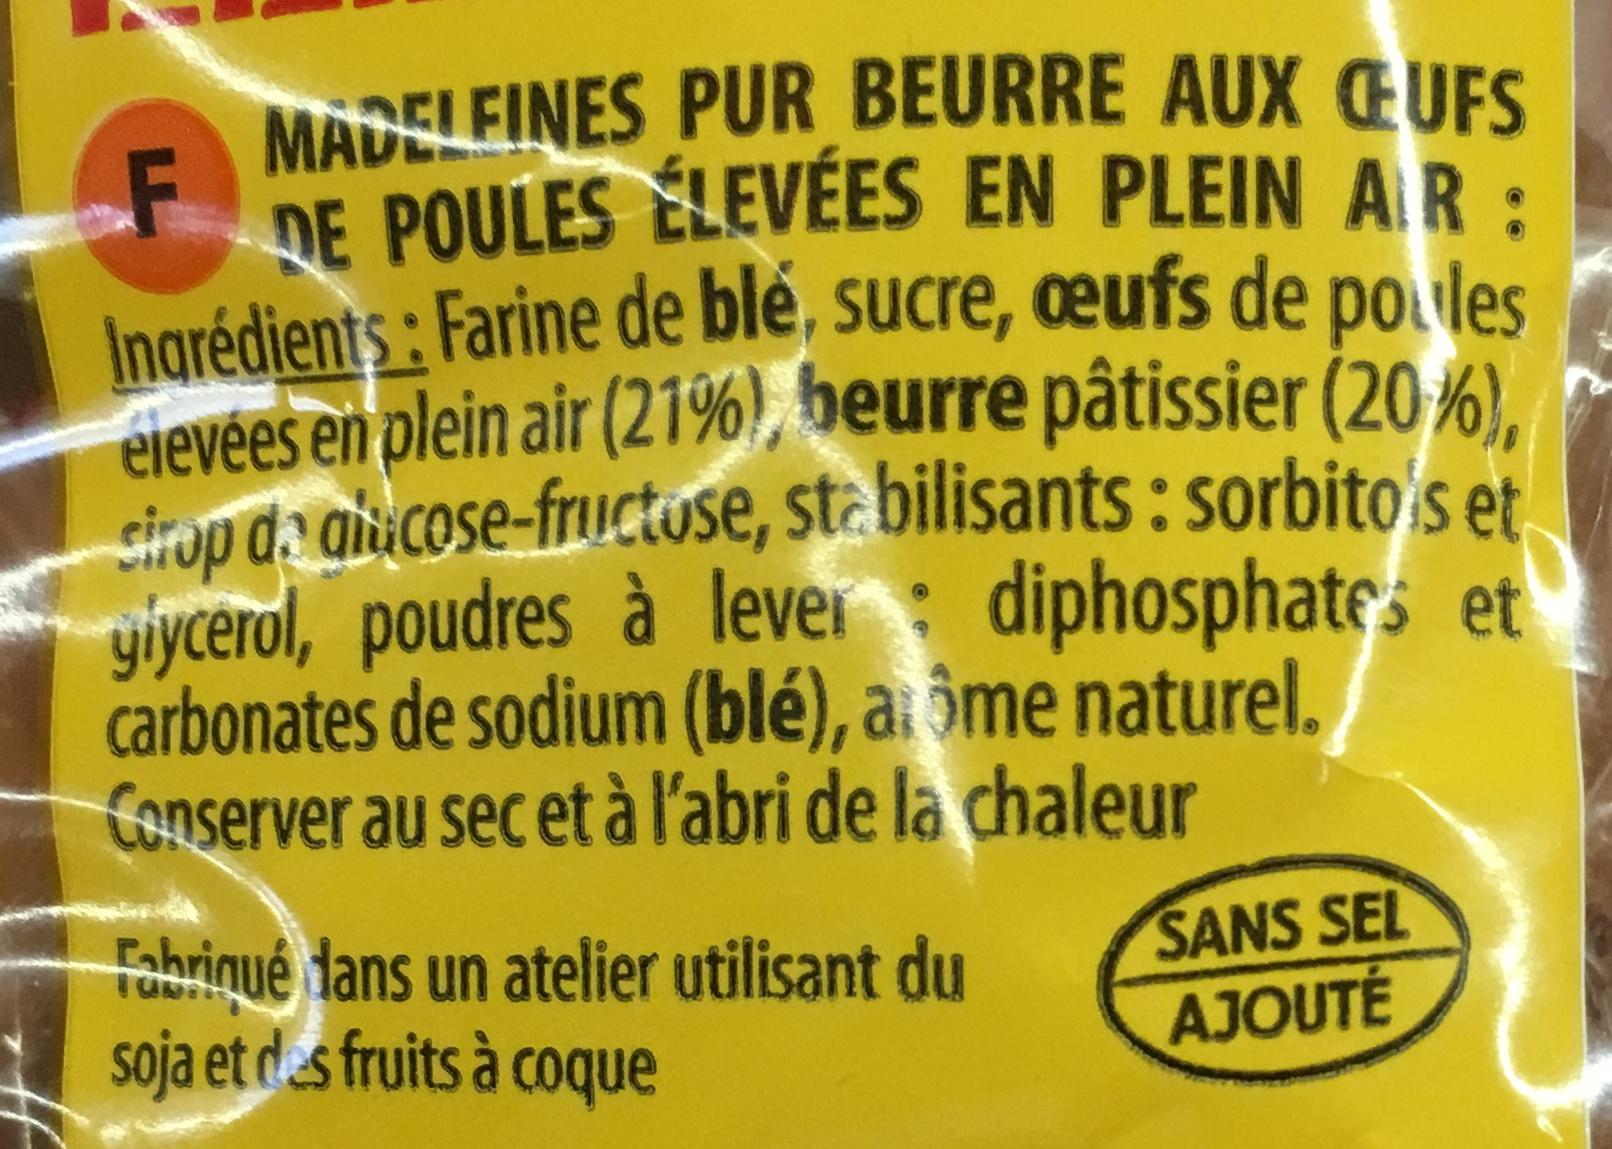 Madeleine recette de commercy pur beurre - Ingredienti - fr